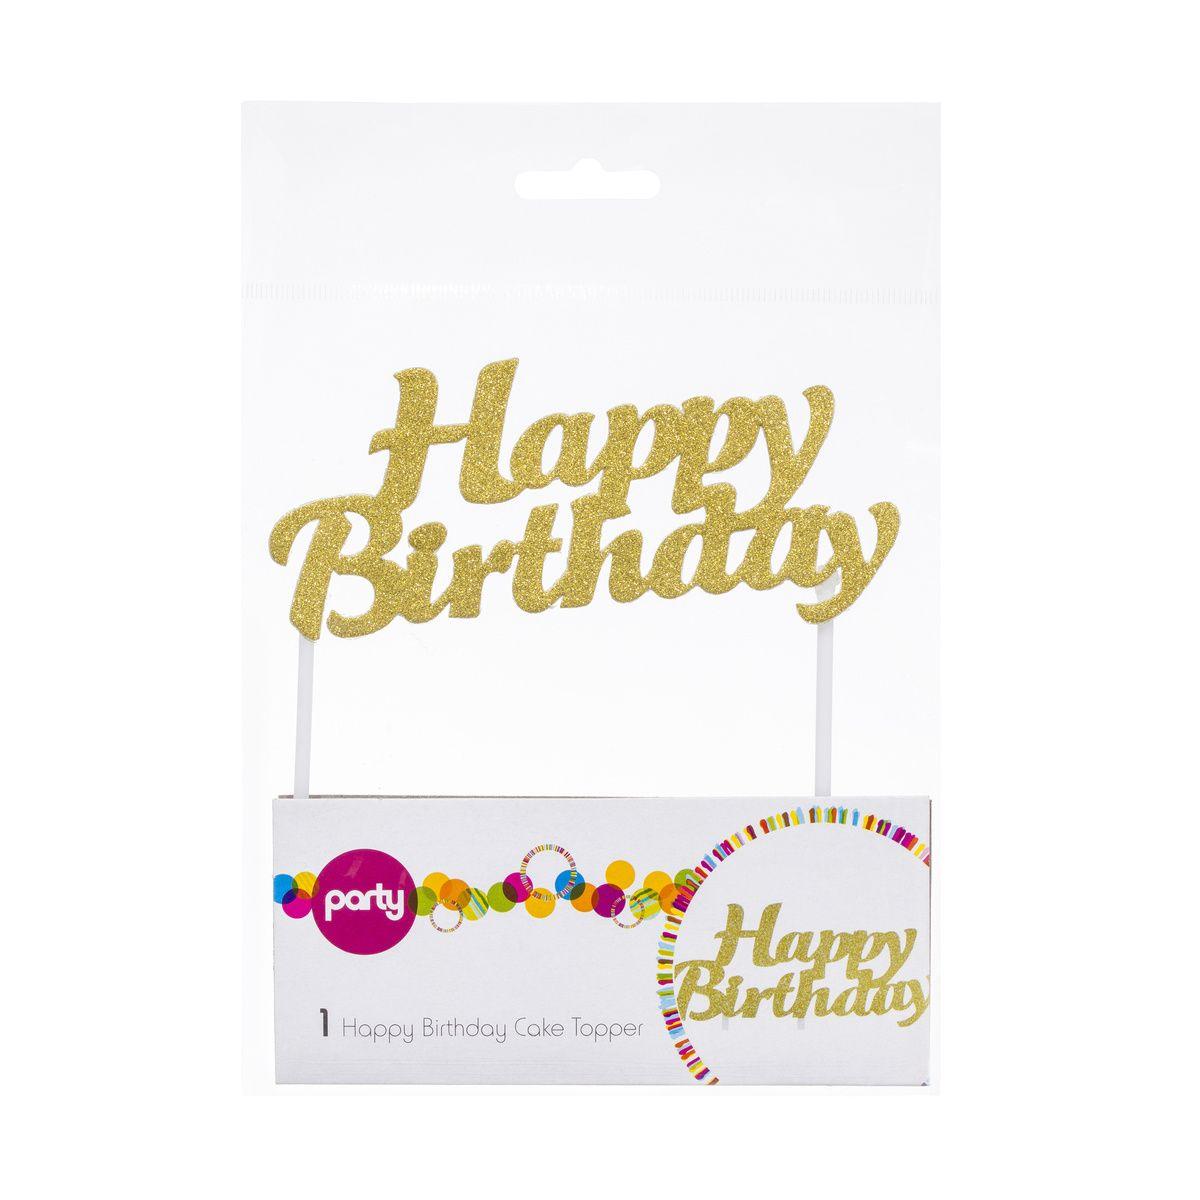 Happy Birthday Cake Topper Kmart Birthday cake topper